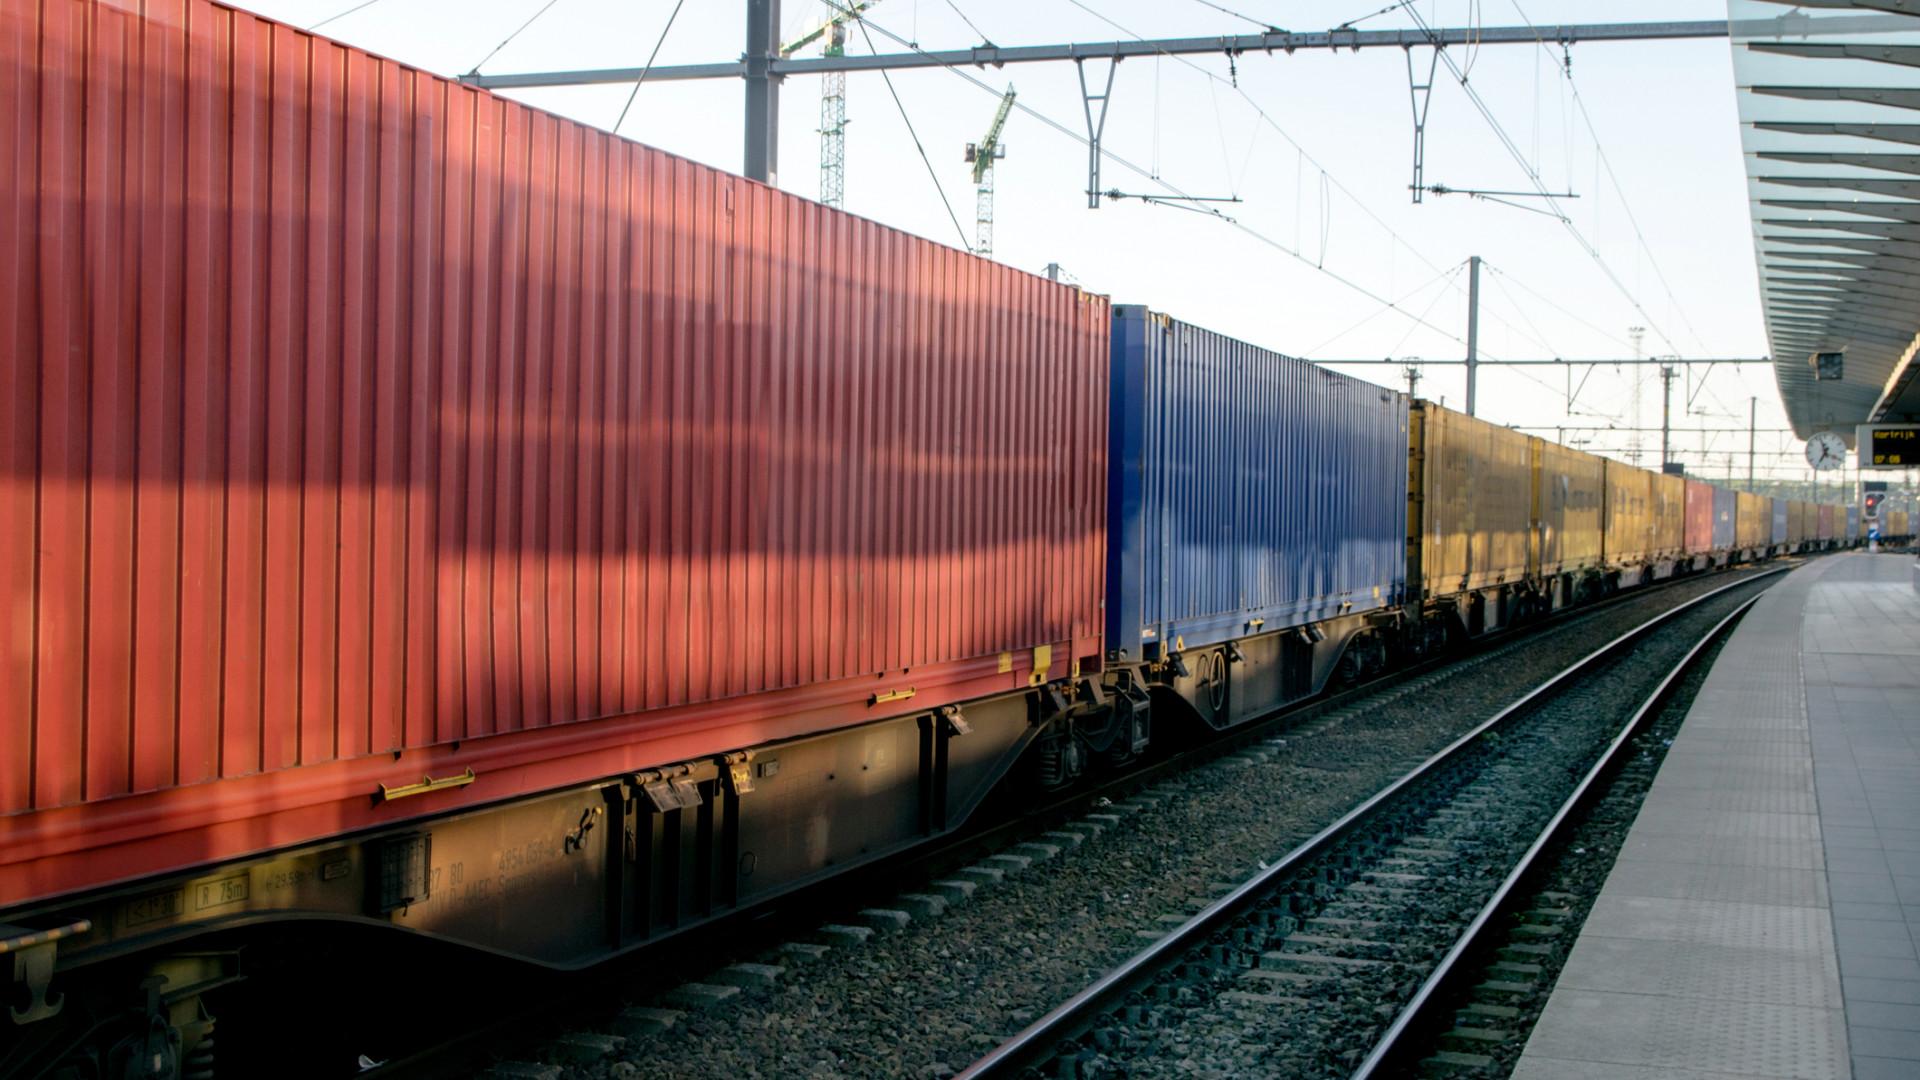 Újabb jelentős vasútfejlesztés indulhat Magyarországon